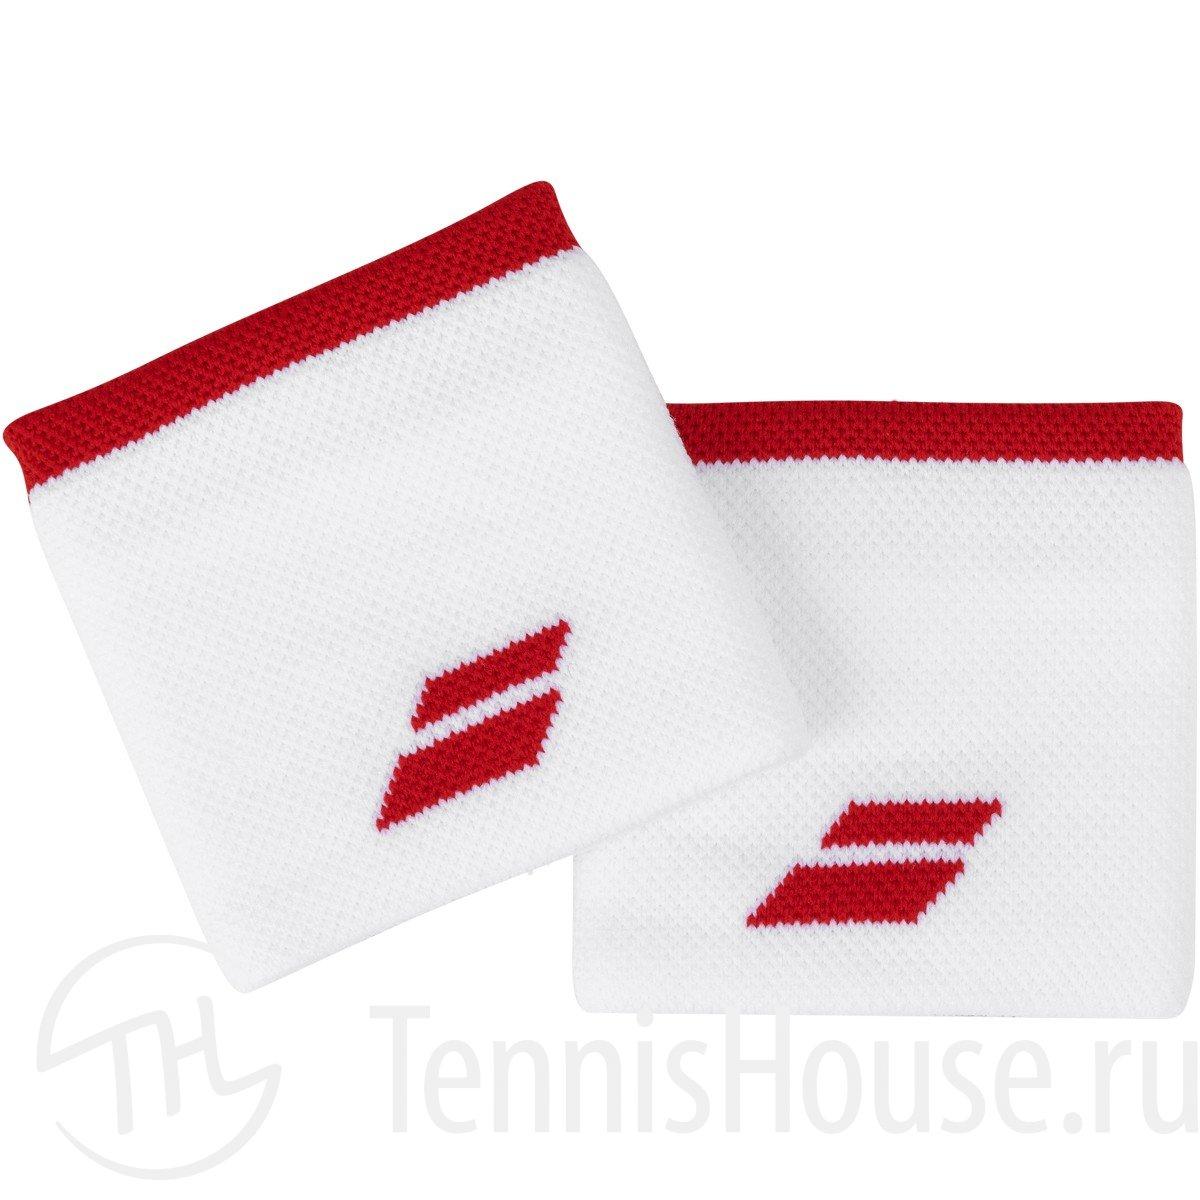 Напульсники Babolat Logo 2020 Цвет Белый/Красный томат 5UA1261-1031